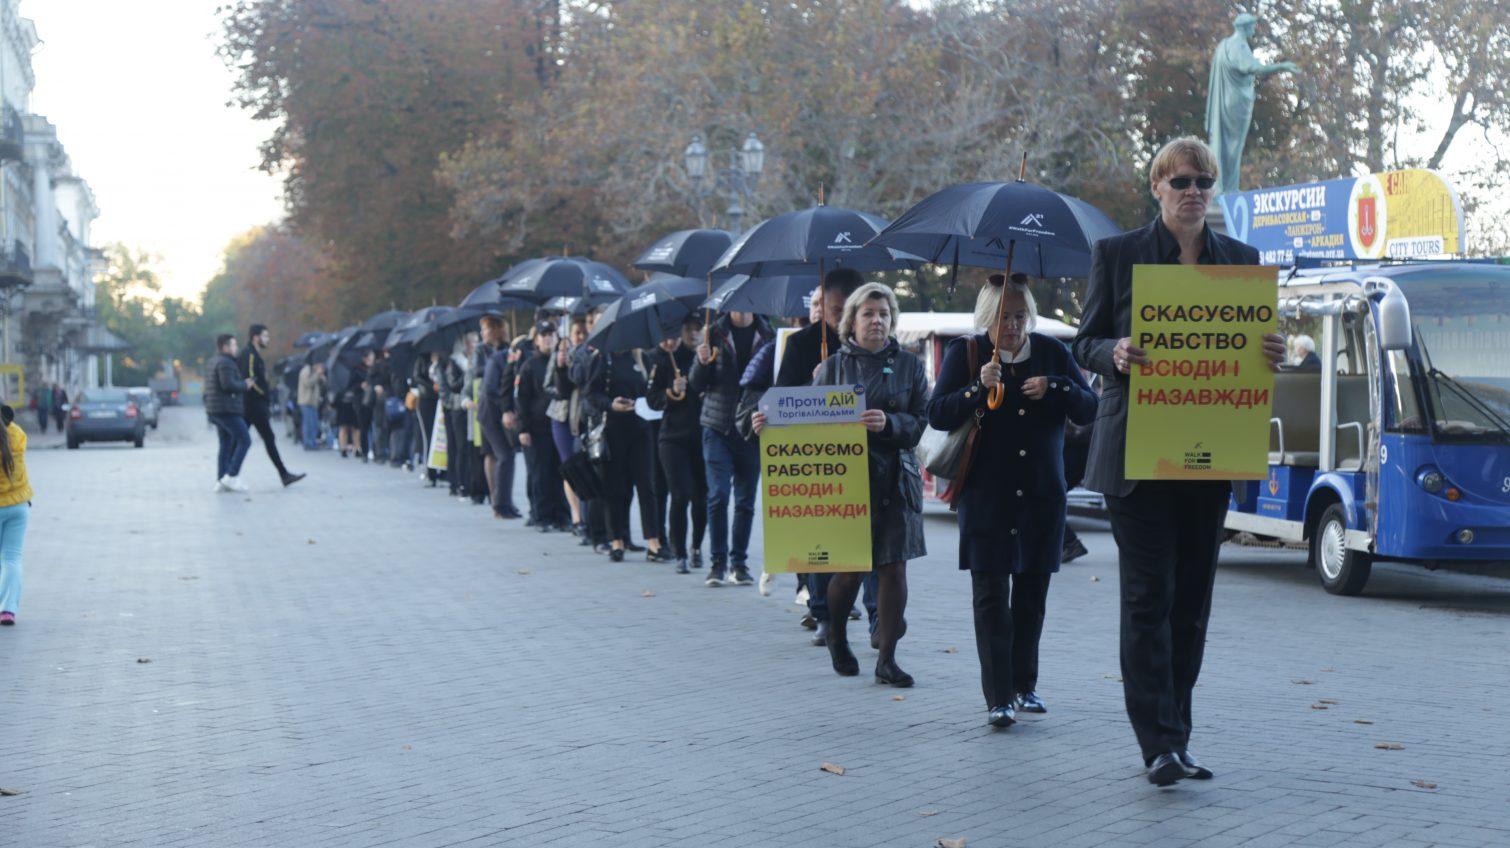 Шествие с черными зонтами: в Одессе проходит акция против торговли людьми (фото) «фото»